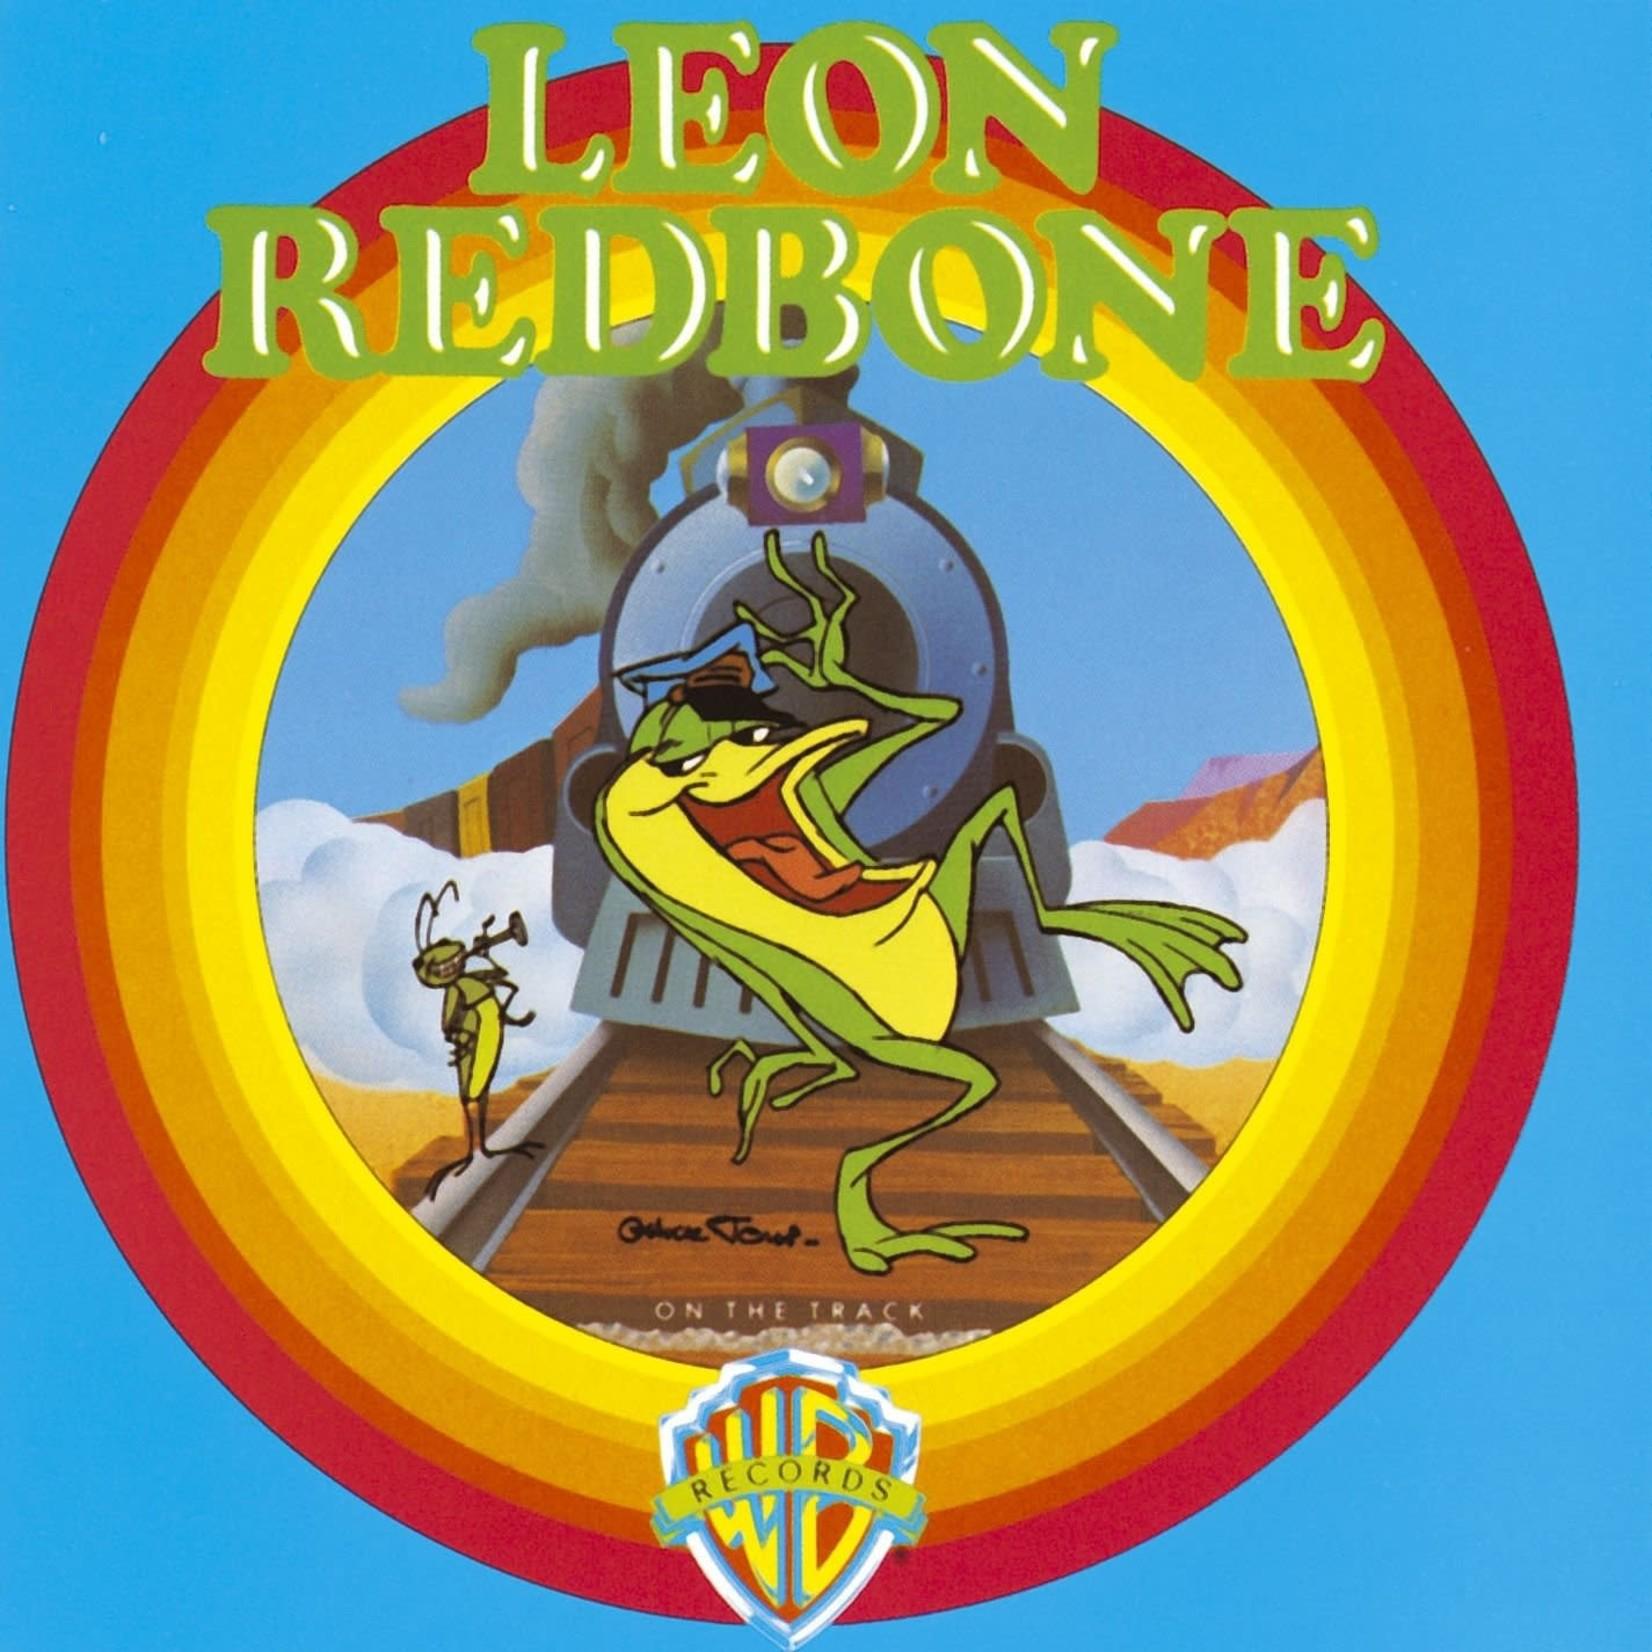 [Vintage] Redbone, Leon: self-titled ('On the Track')